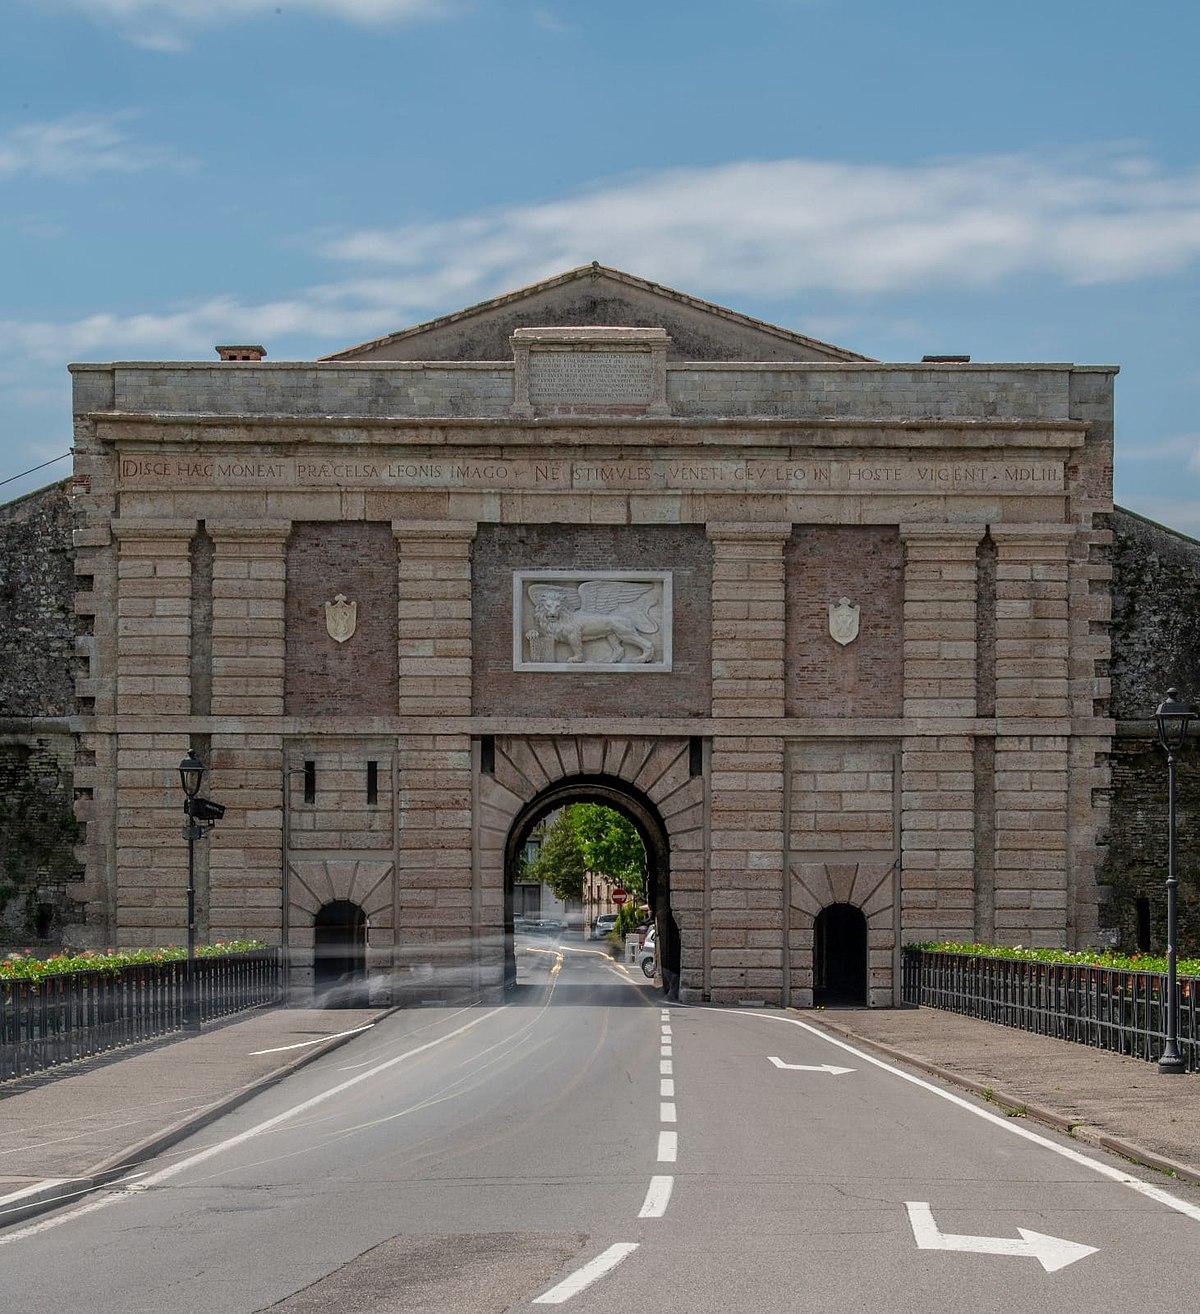 Via Durighello Desenzano Del Garda peschiera del garda - wikipedia